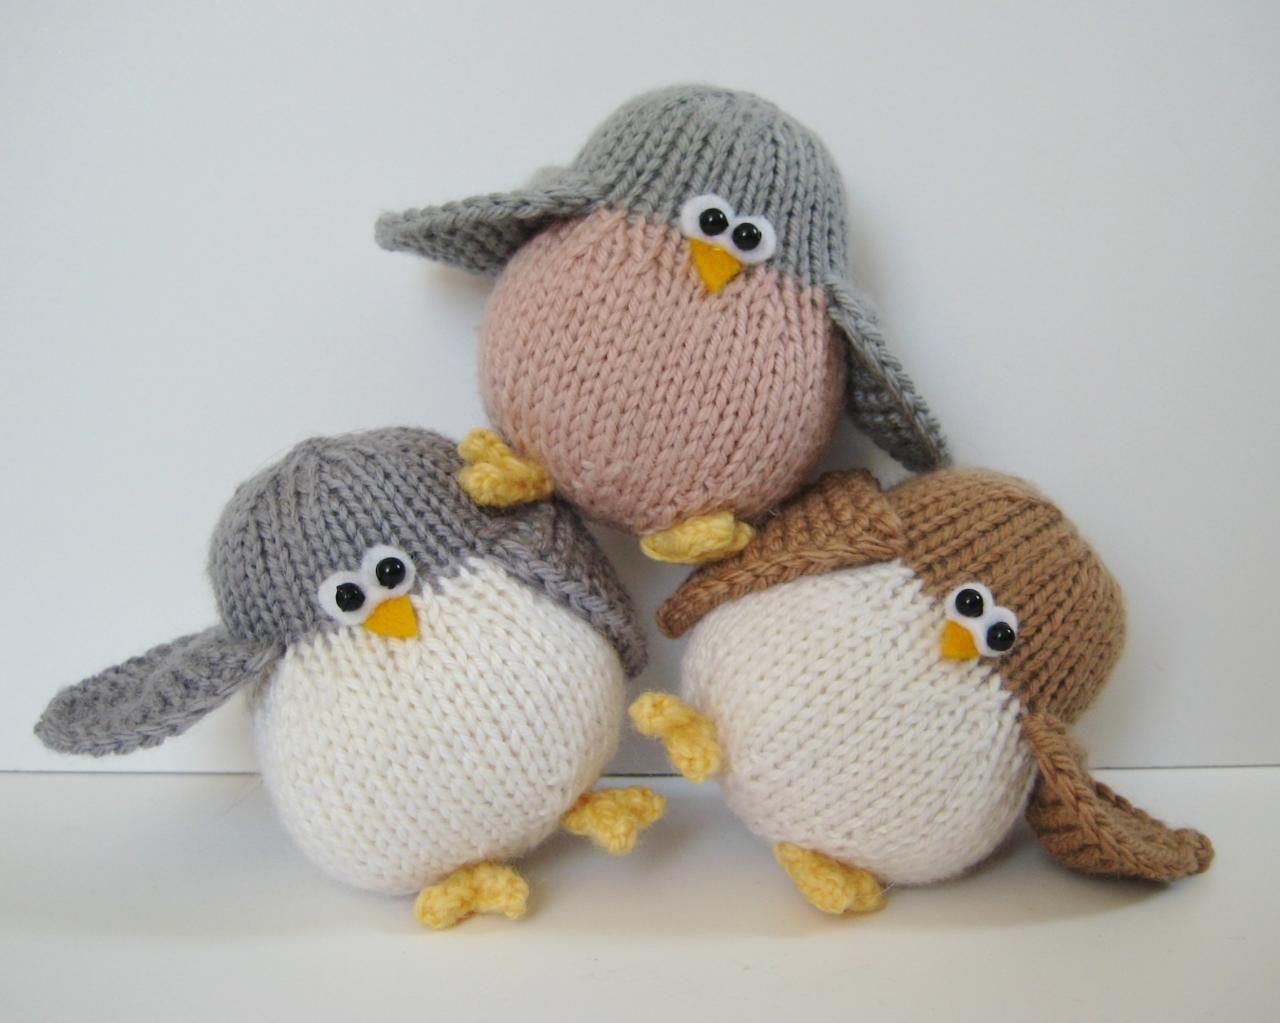 Juggle birdies toy knitting patterns | Crafting: Knitting - Patterns ...